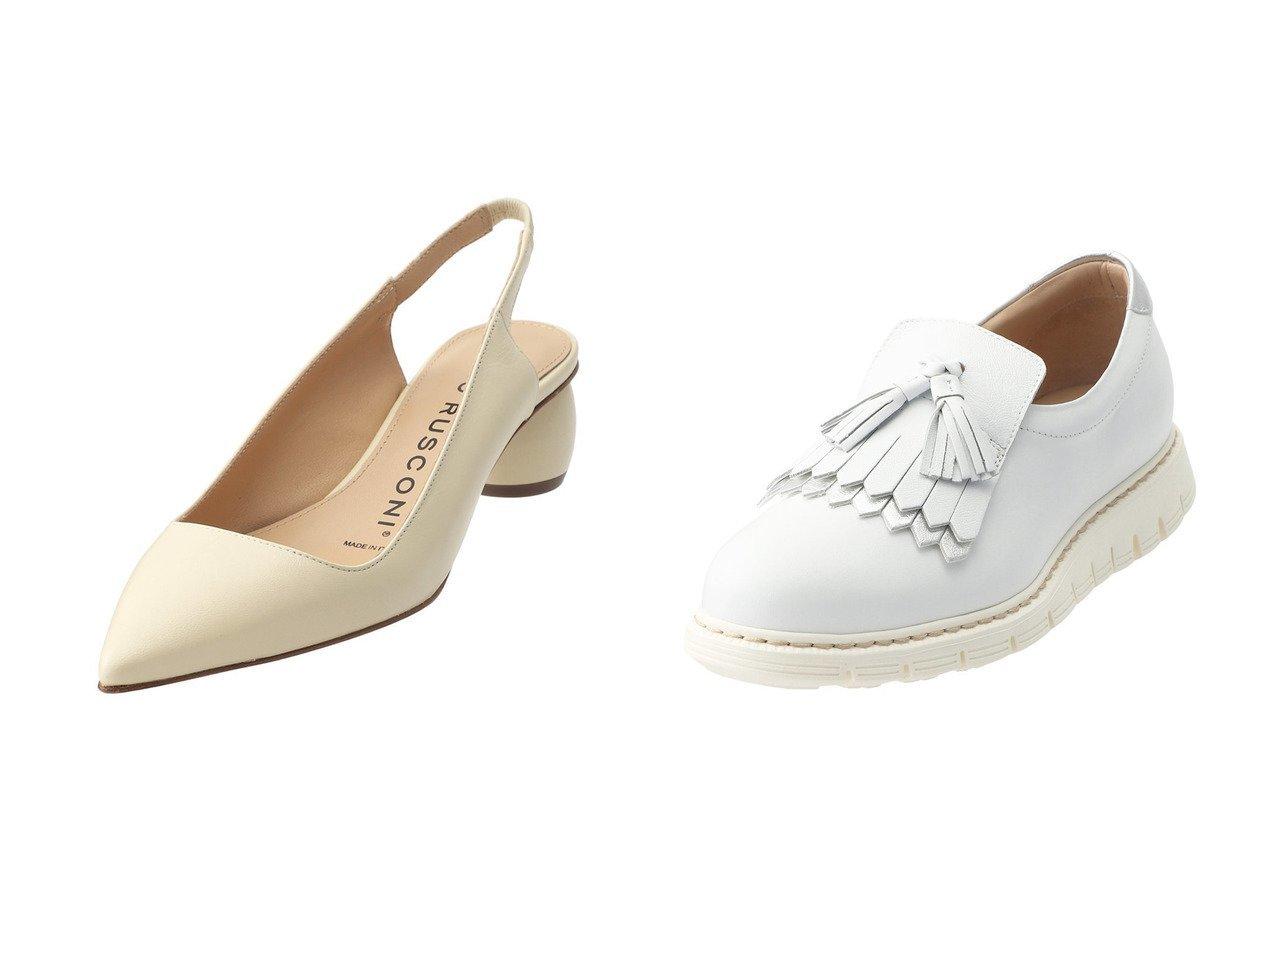 【LucaGrossi/ルカグロッシ】のタッセルフリンジシューズ&【MAISON SPECIAL/メゾンスペシャル】の【FABIO RUSCONI】OTRANTO パンプス 【シューズ・靴】おすすめ!人気、トレンド・レディースファッションの通販 おすすめで人気の流行・トレンド、ファッションの通販商品 メンズファッション・キッズファッション・インテリア・家具・レディースファッション・服の通販 founy(ファニー) https://founy.com/ ファッション Fashion レディースファッション WOMEN S/S・春夏 SS・Spring/Summer 春 Spring  ID:crp329100000030391